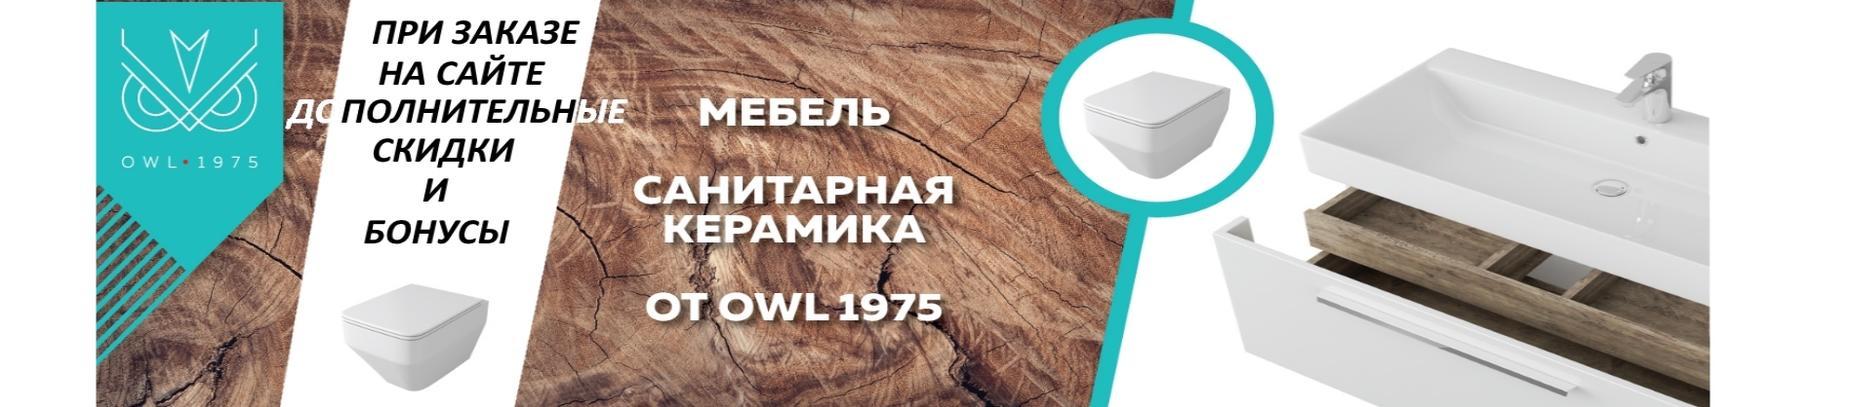 САНТЕХНИКА OWL 1975